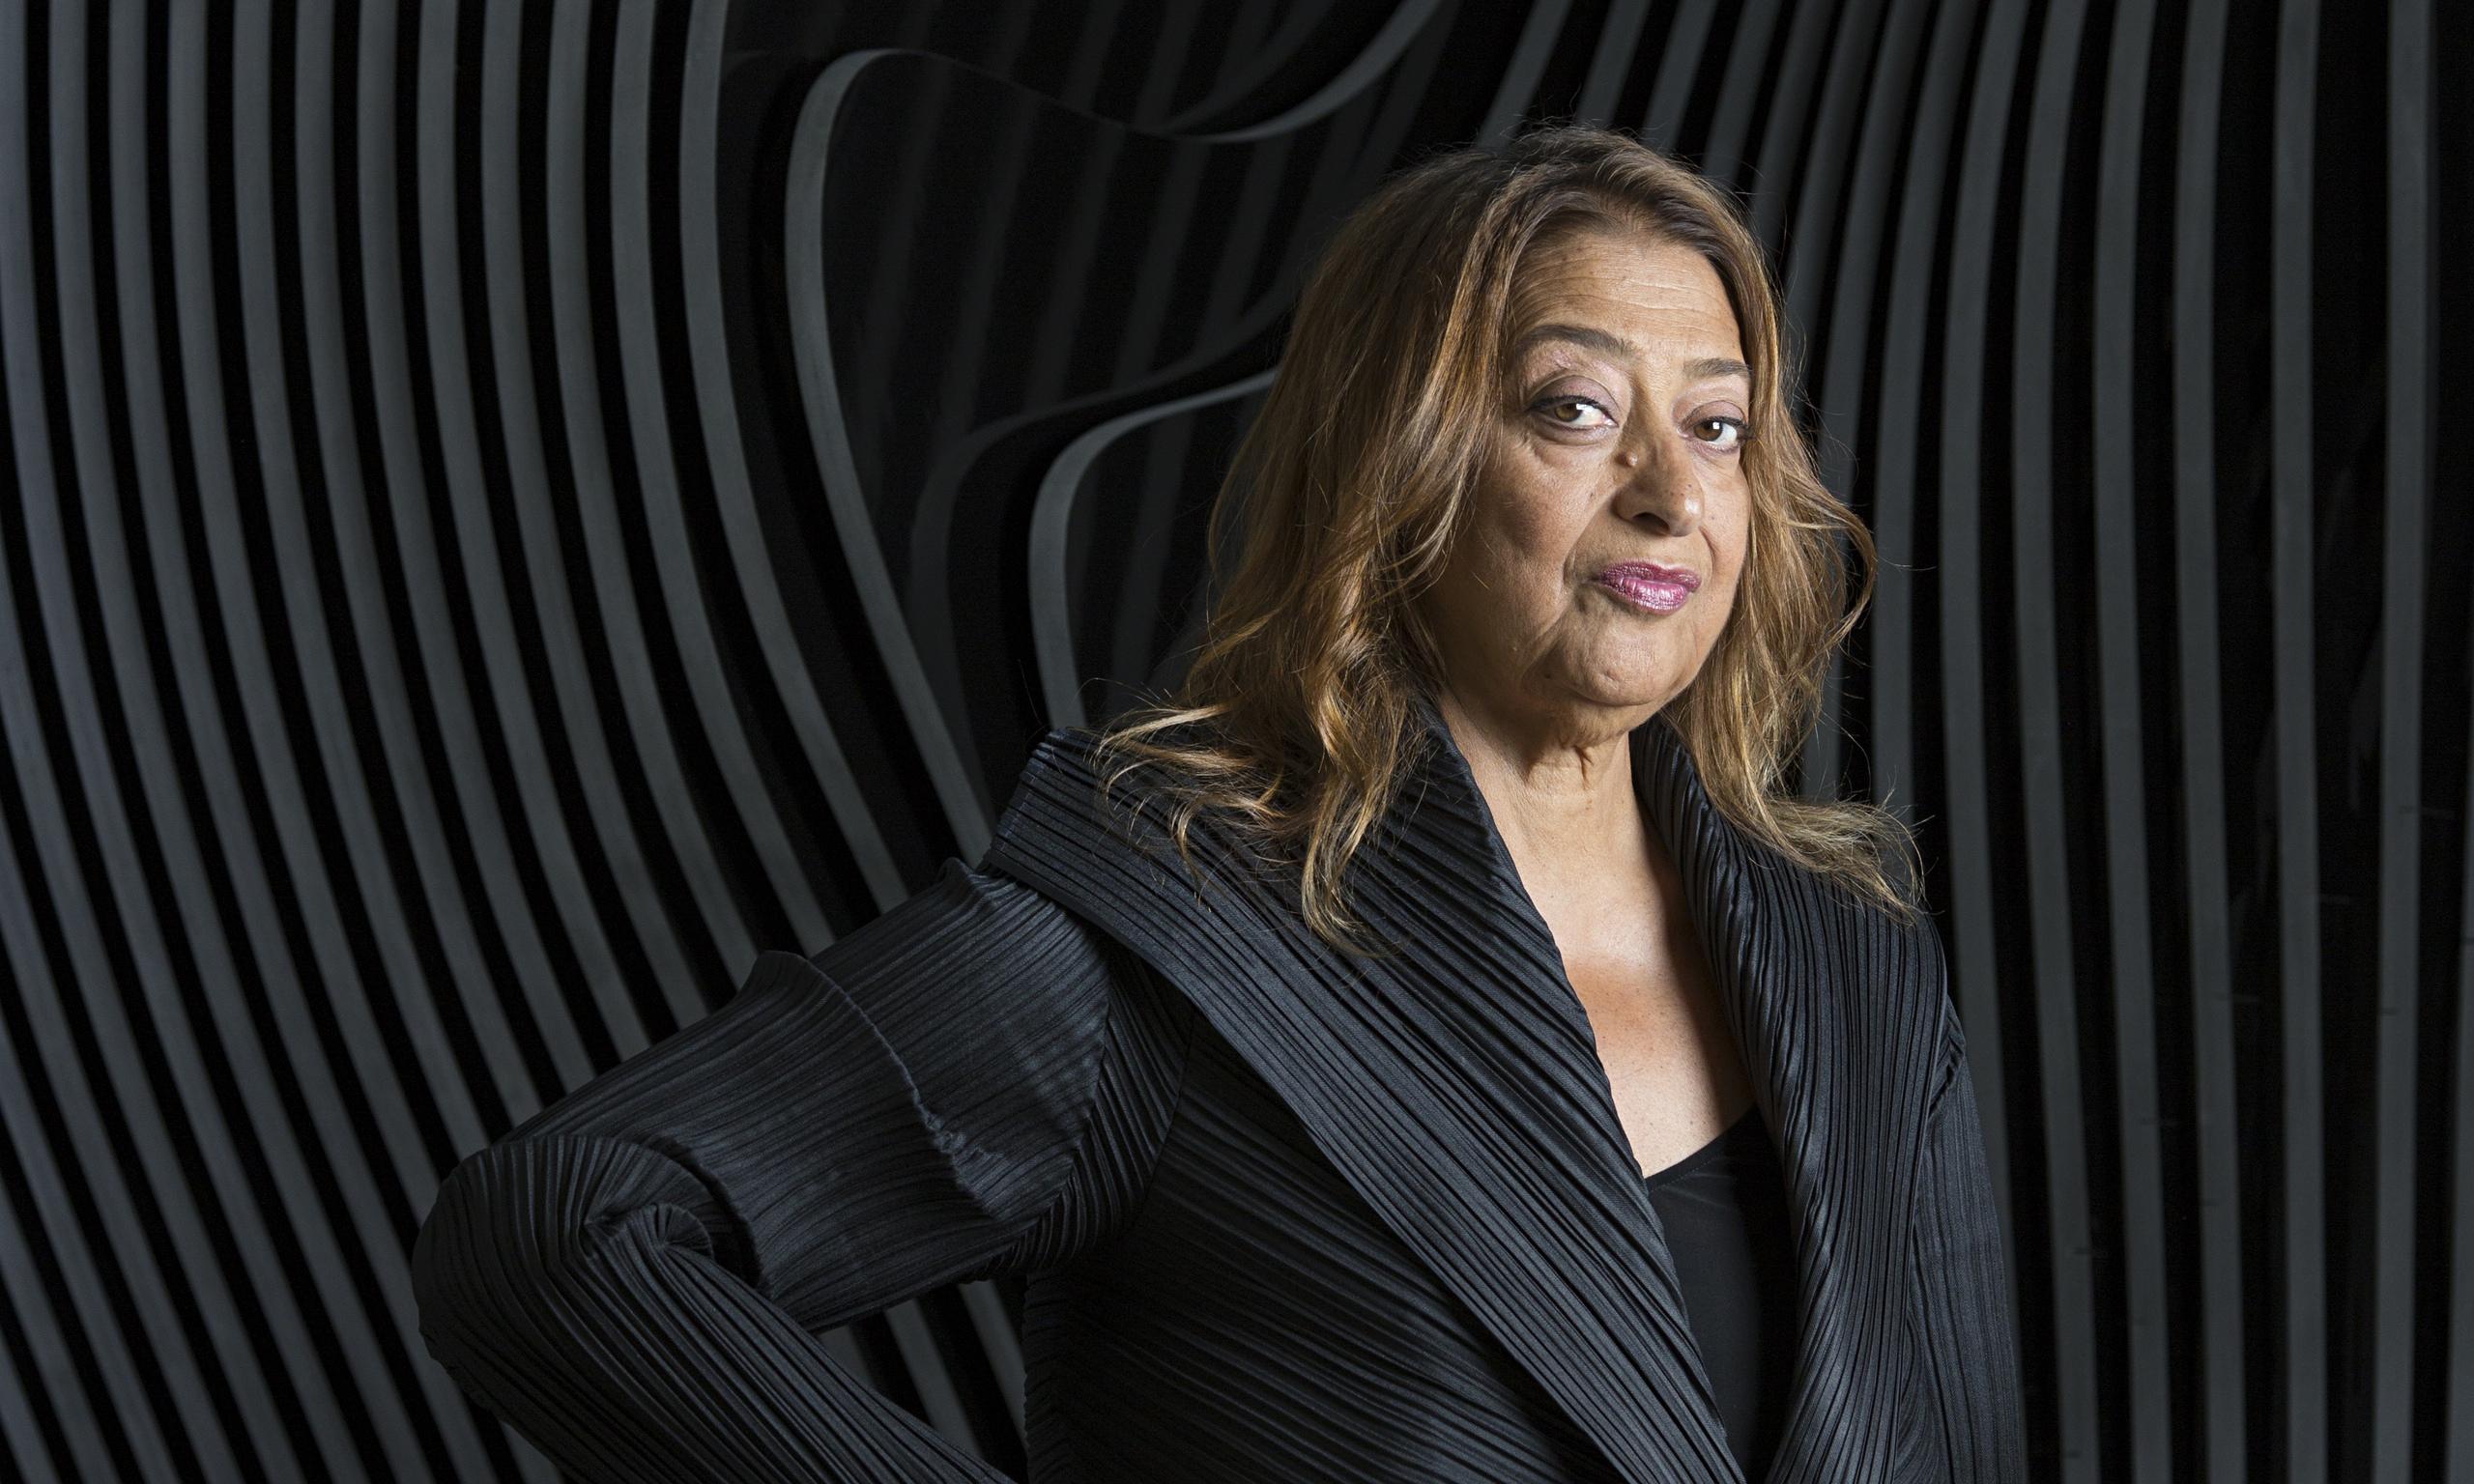 Il mondo piange la scomparsa di zaha hadid - Hadid architetto ...